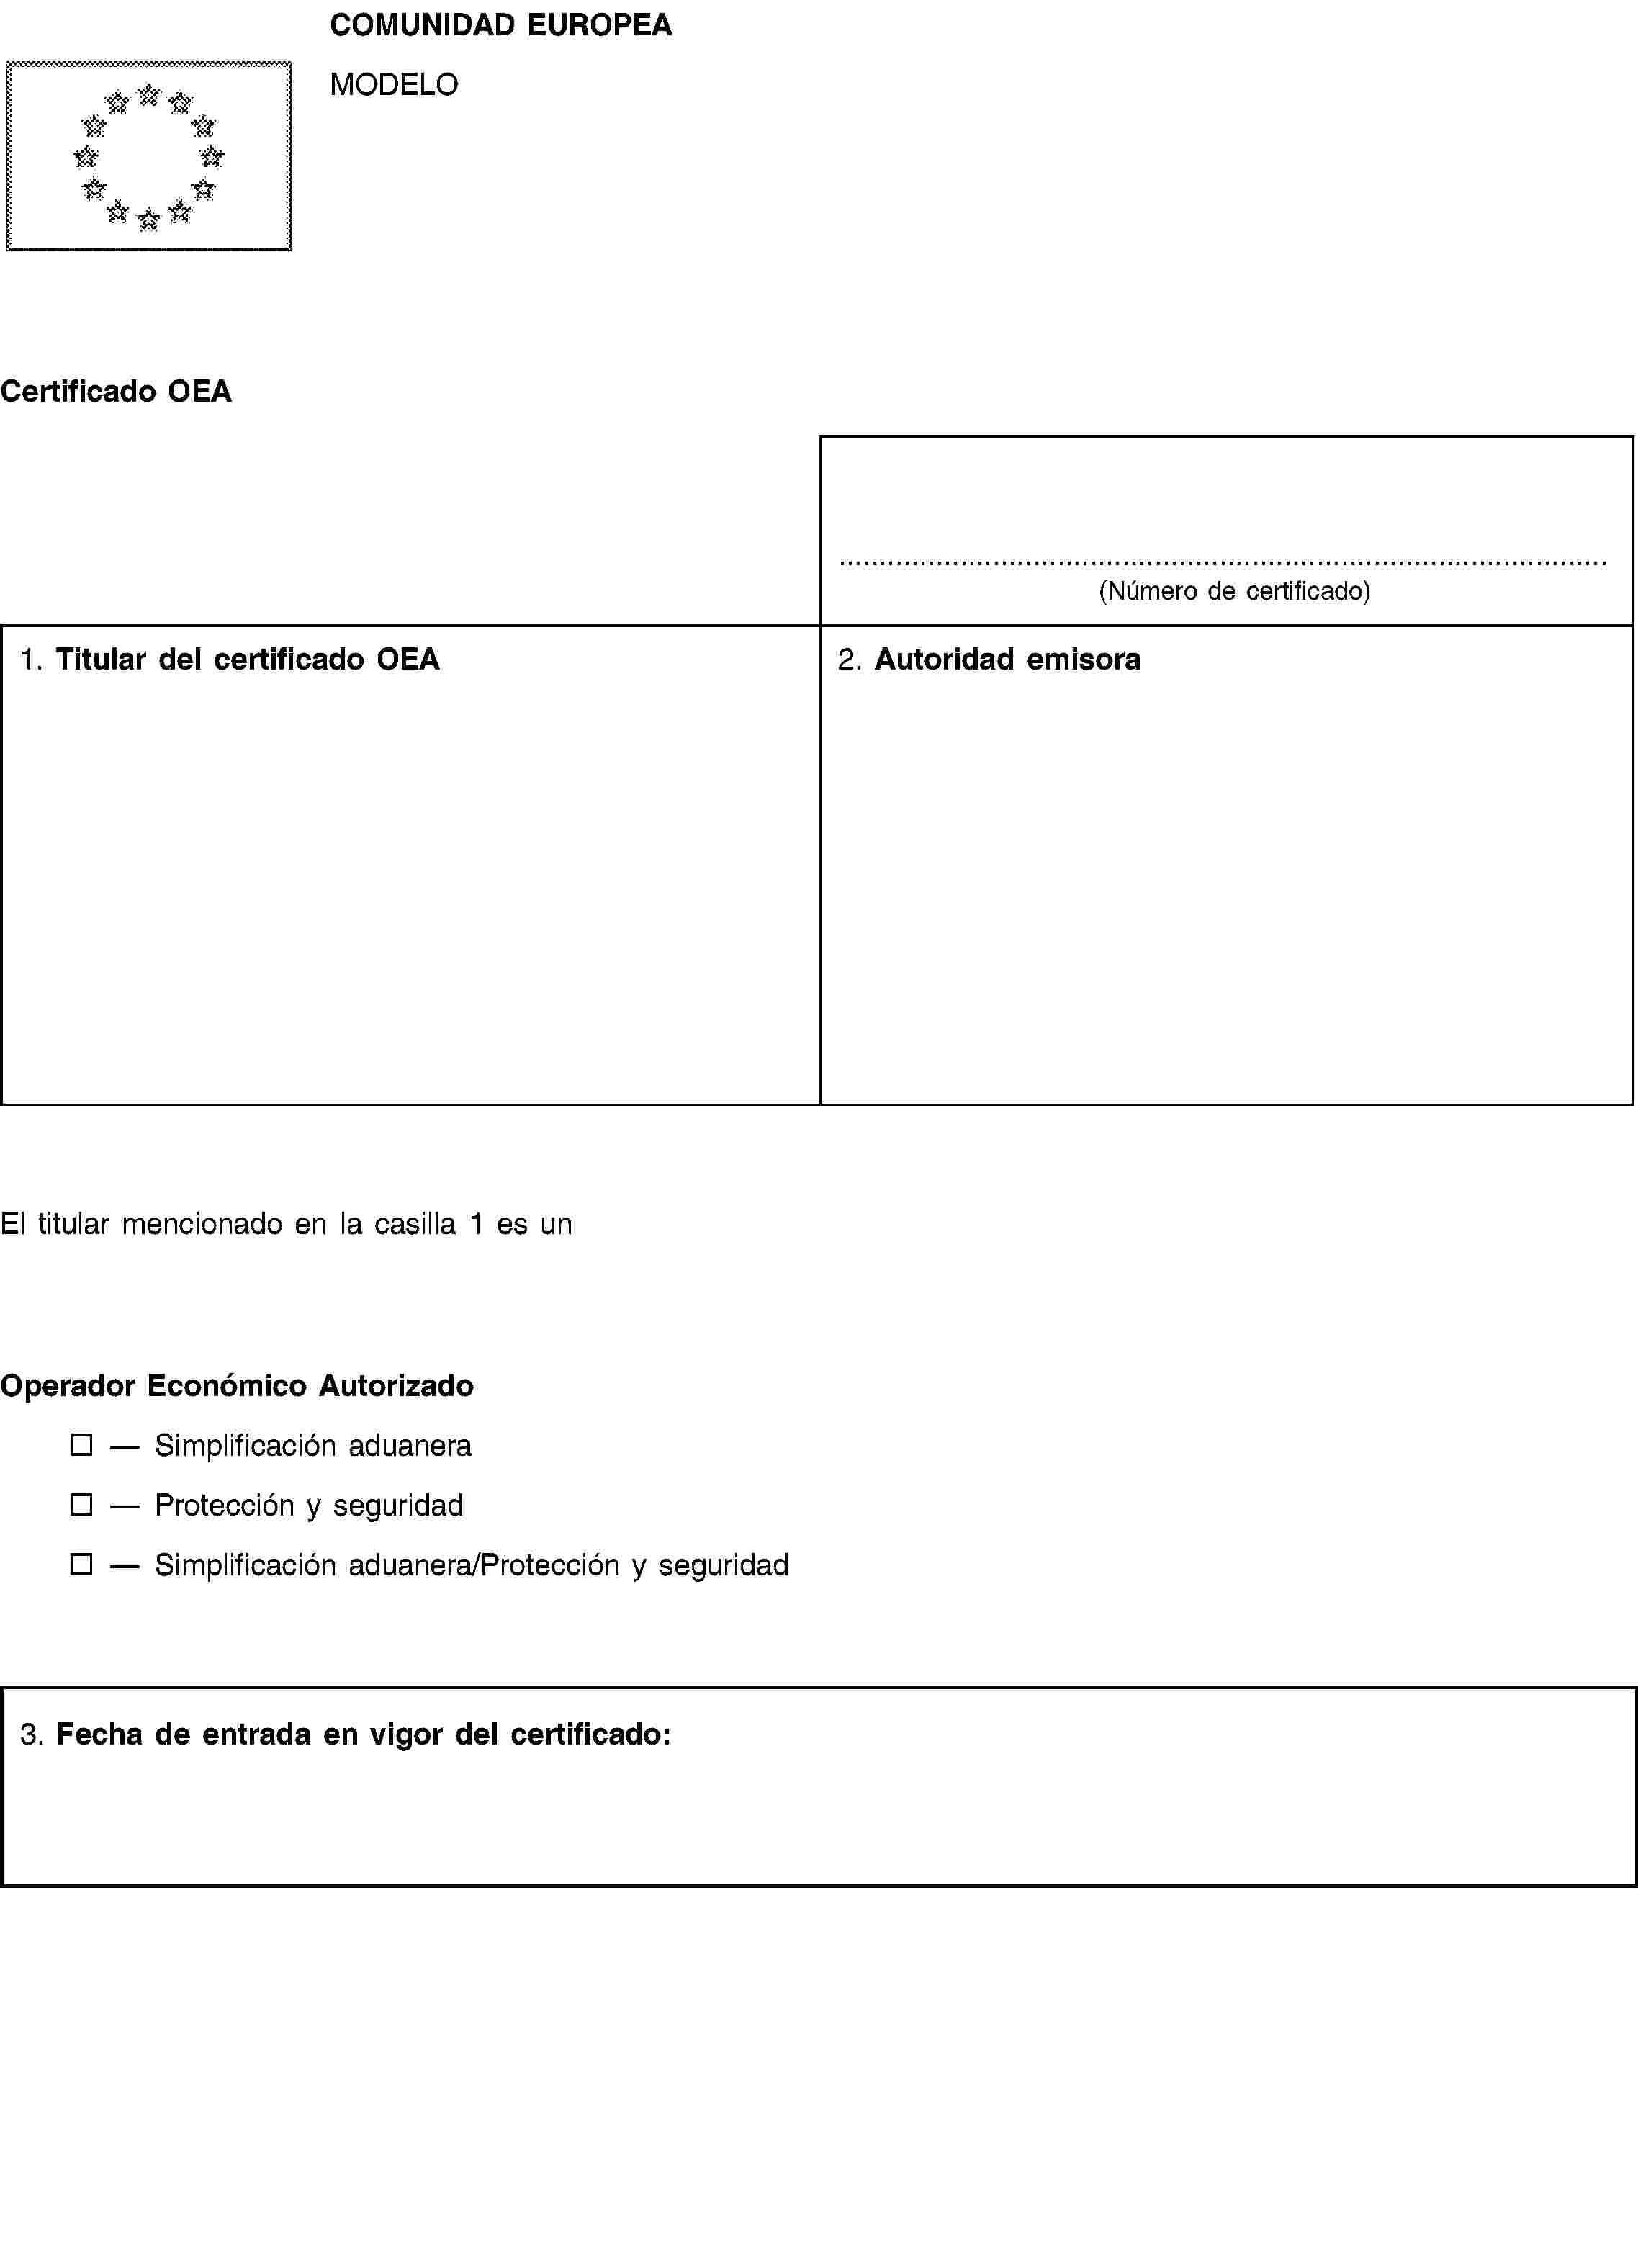 Calendario Comportamiento Niños Para Imprimir Más Recientes Eur Lex R2454 En Eur Lex Of Calendario Comportamiento Niños Para Imprimir Más Arriba-a-fecha 2 2=1000 2015